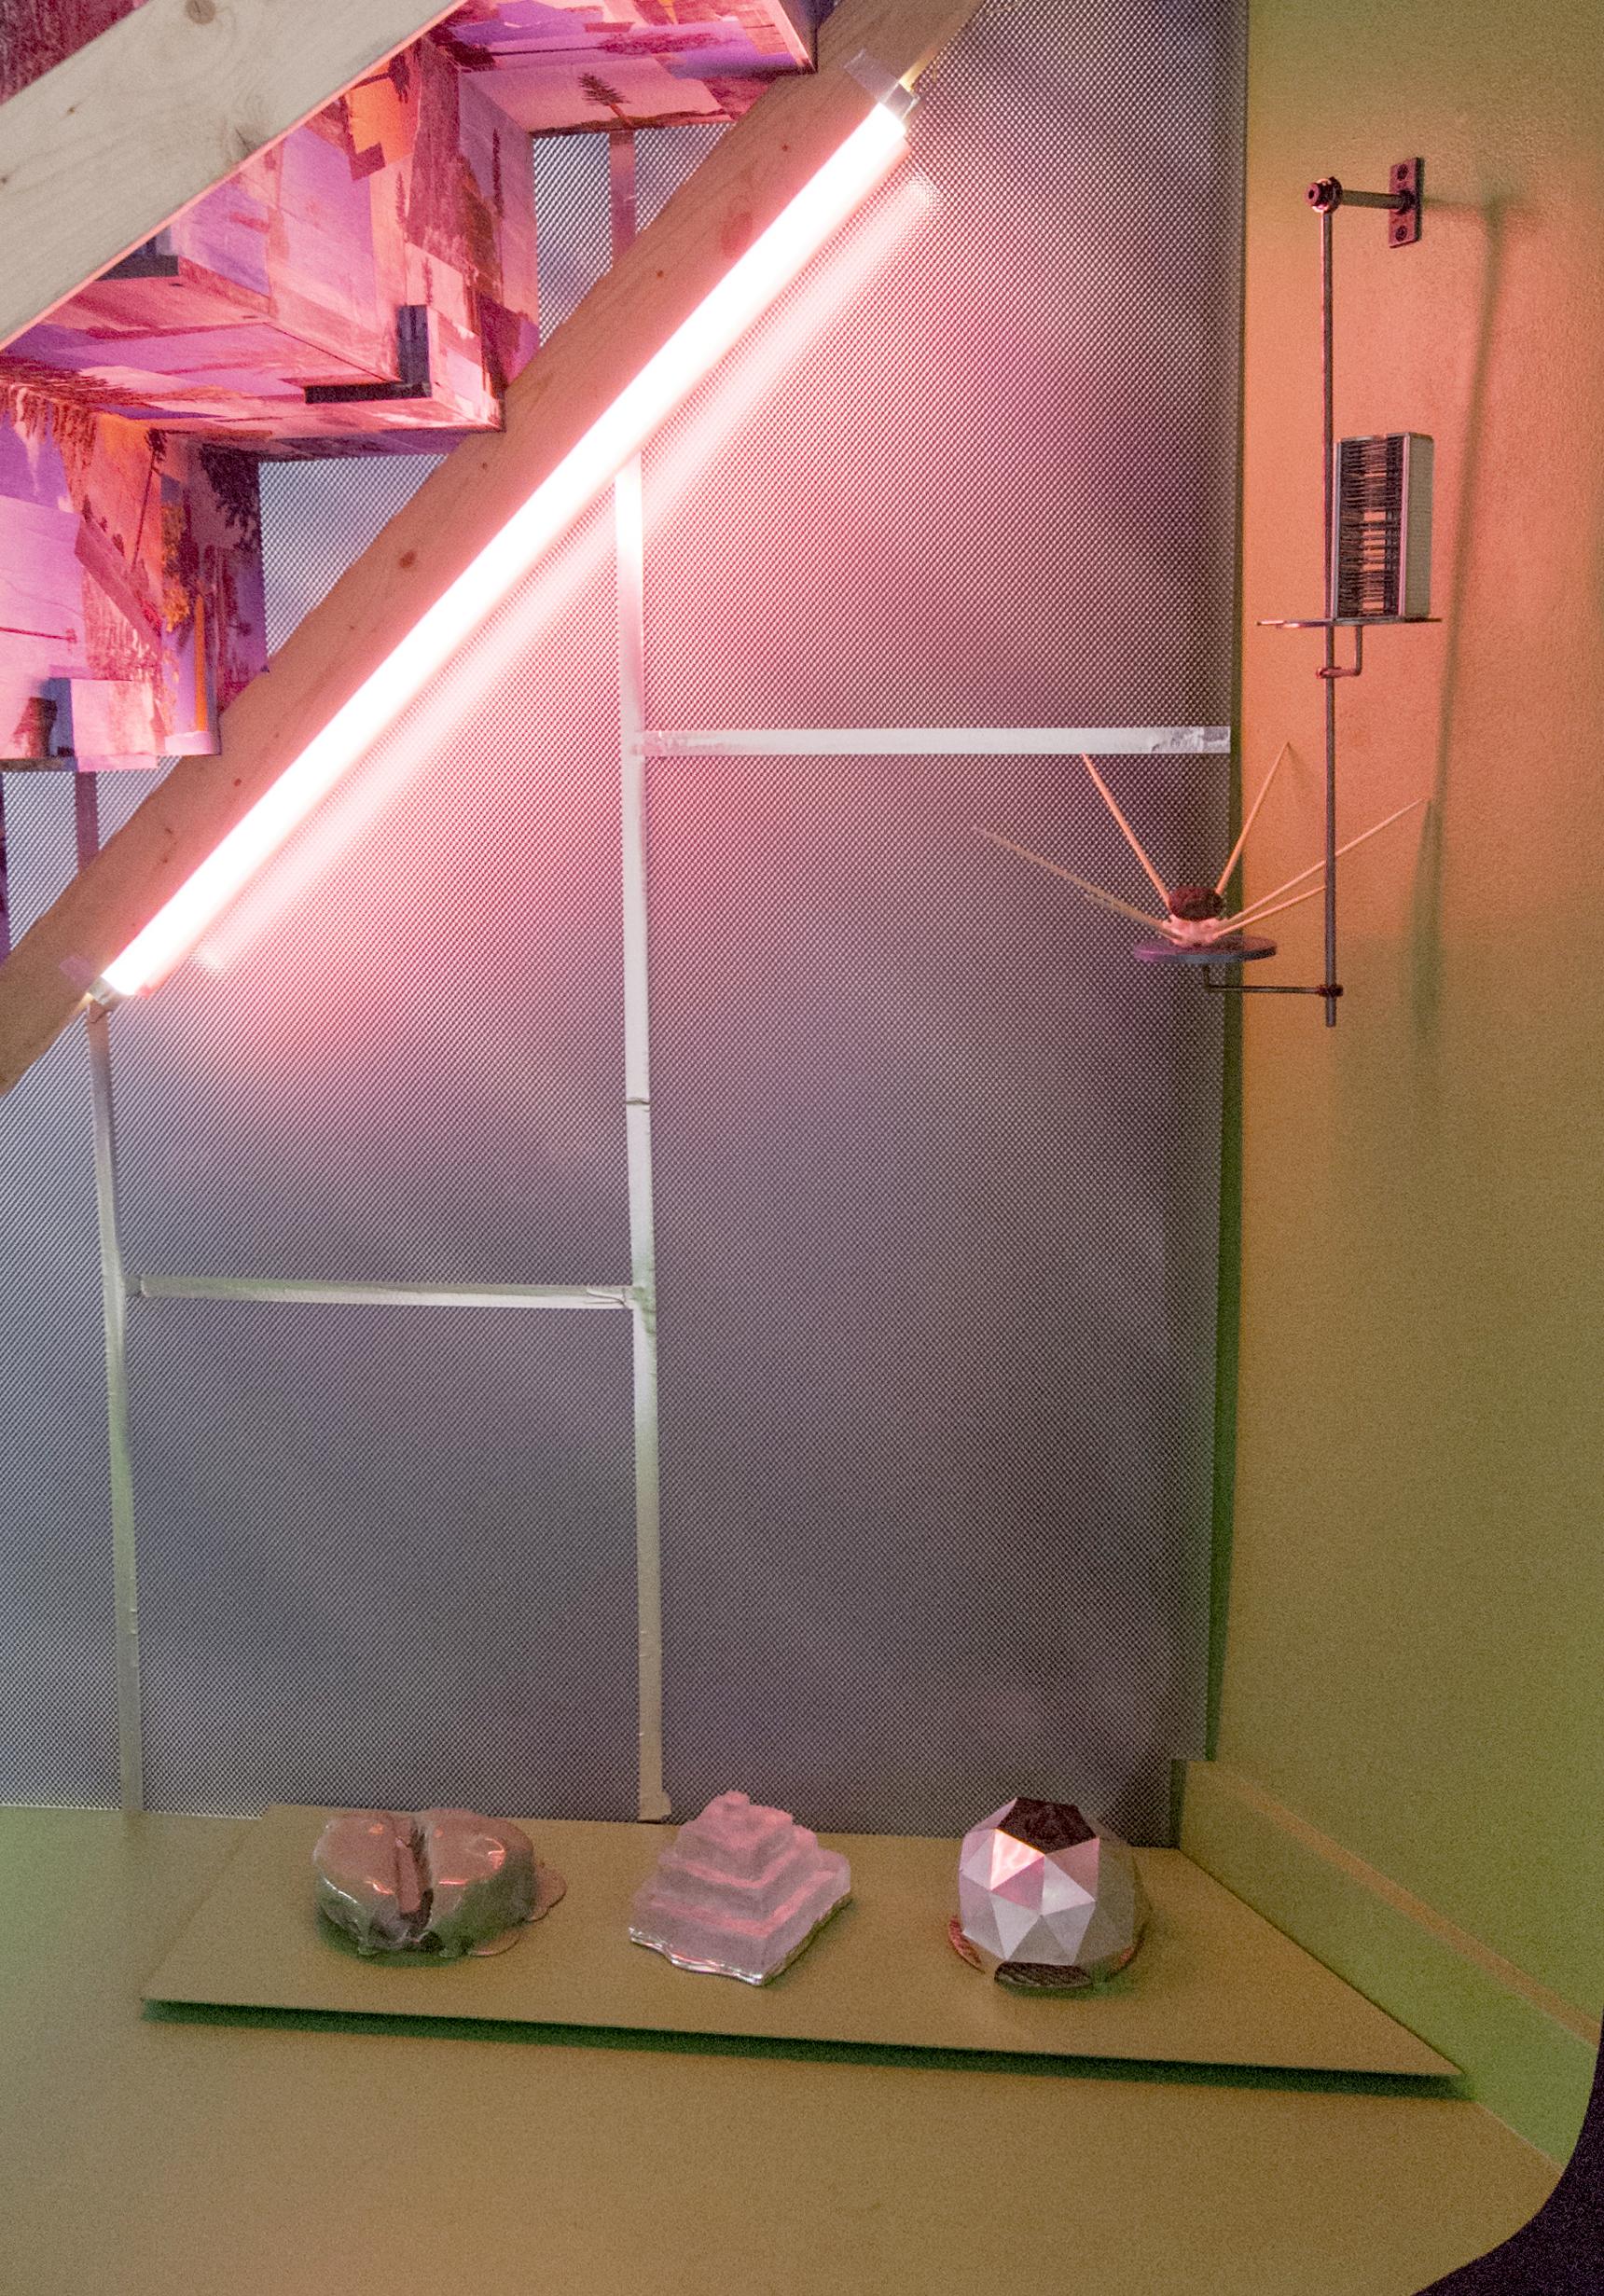 An Elaborate Scheme (installation view)